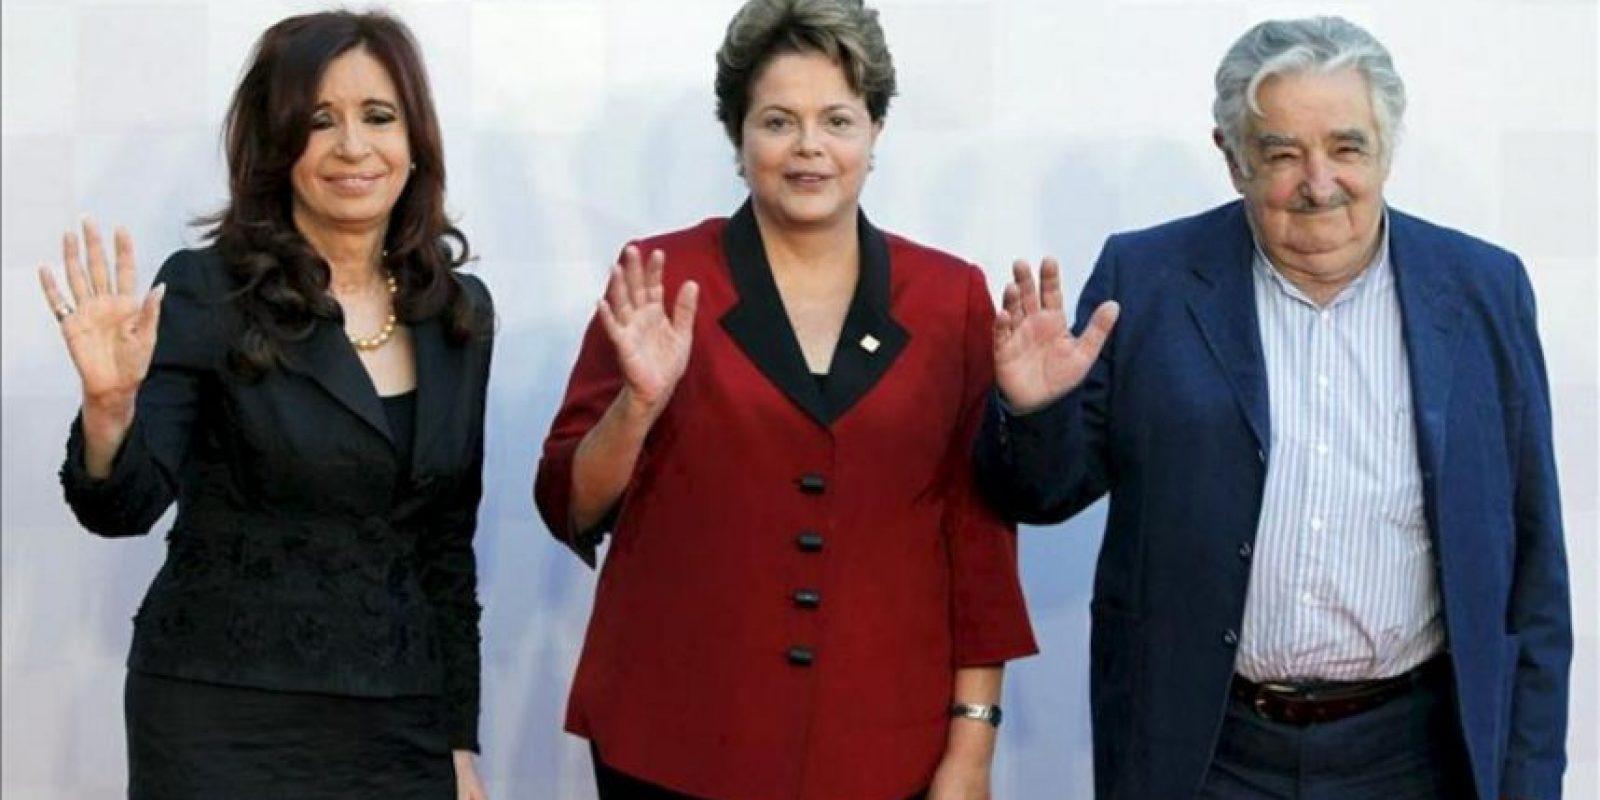 La presidenta de Argentina, Cristina Fernández de Kirchner (i), y sus homólogos de Brasil, Dilma Rousseff (c), y de Uruguay, José Mujica (d), al comienzo de la cumbre del Mercosur que se realiza en la ciudad de Mendoza (Argentina). EFE